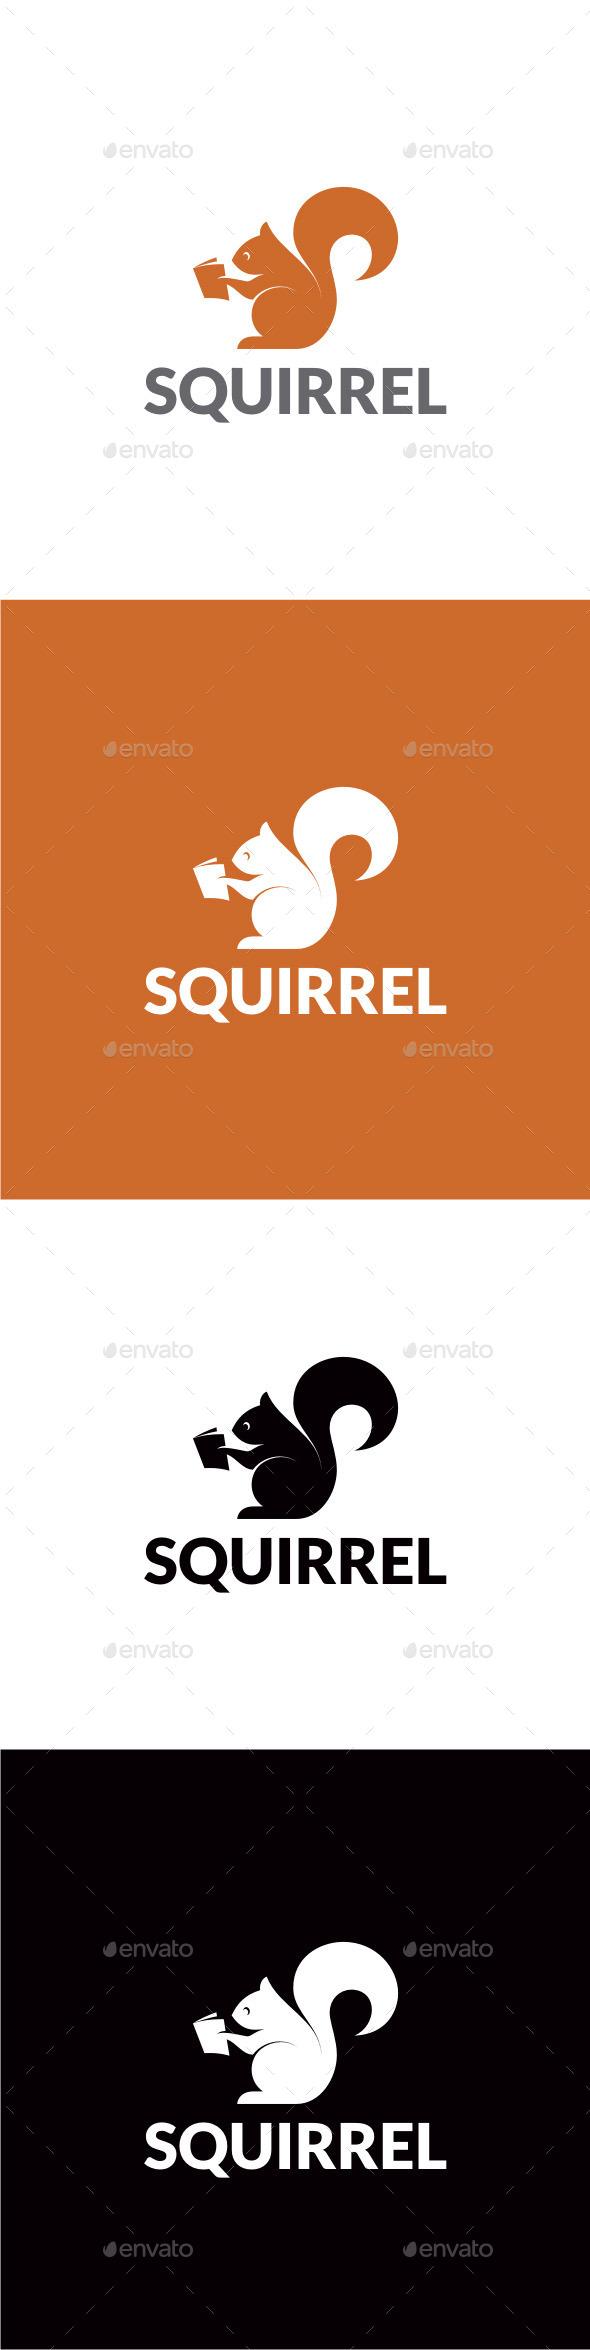 GraphicRiver Smart Squirrel 9319142